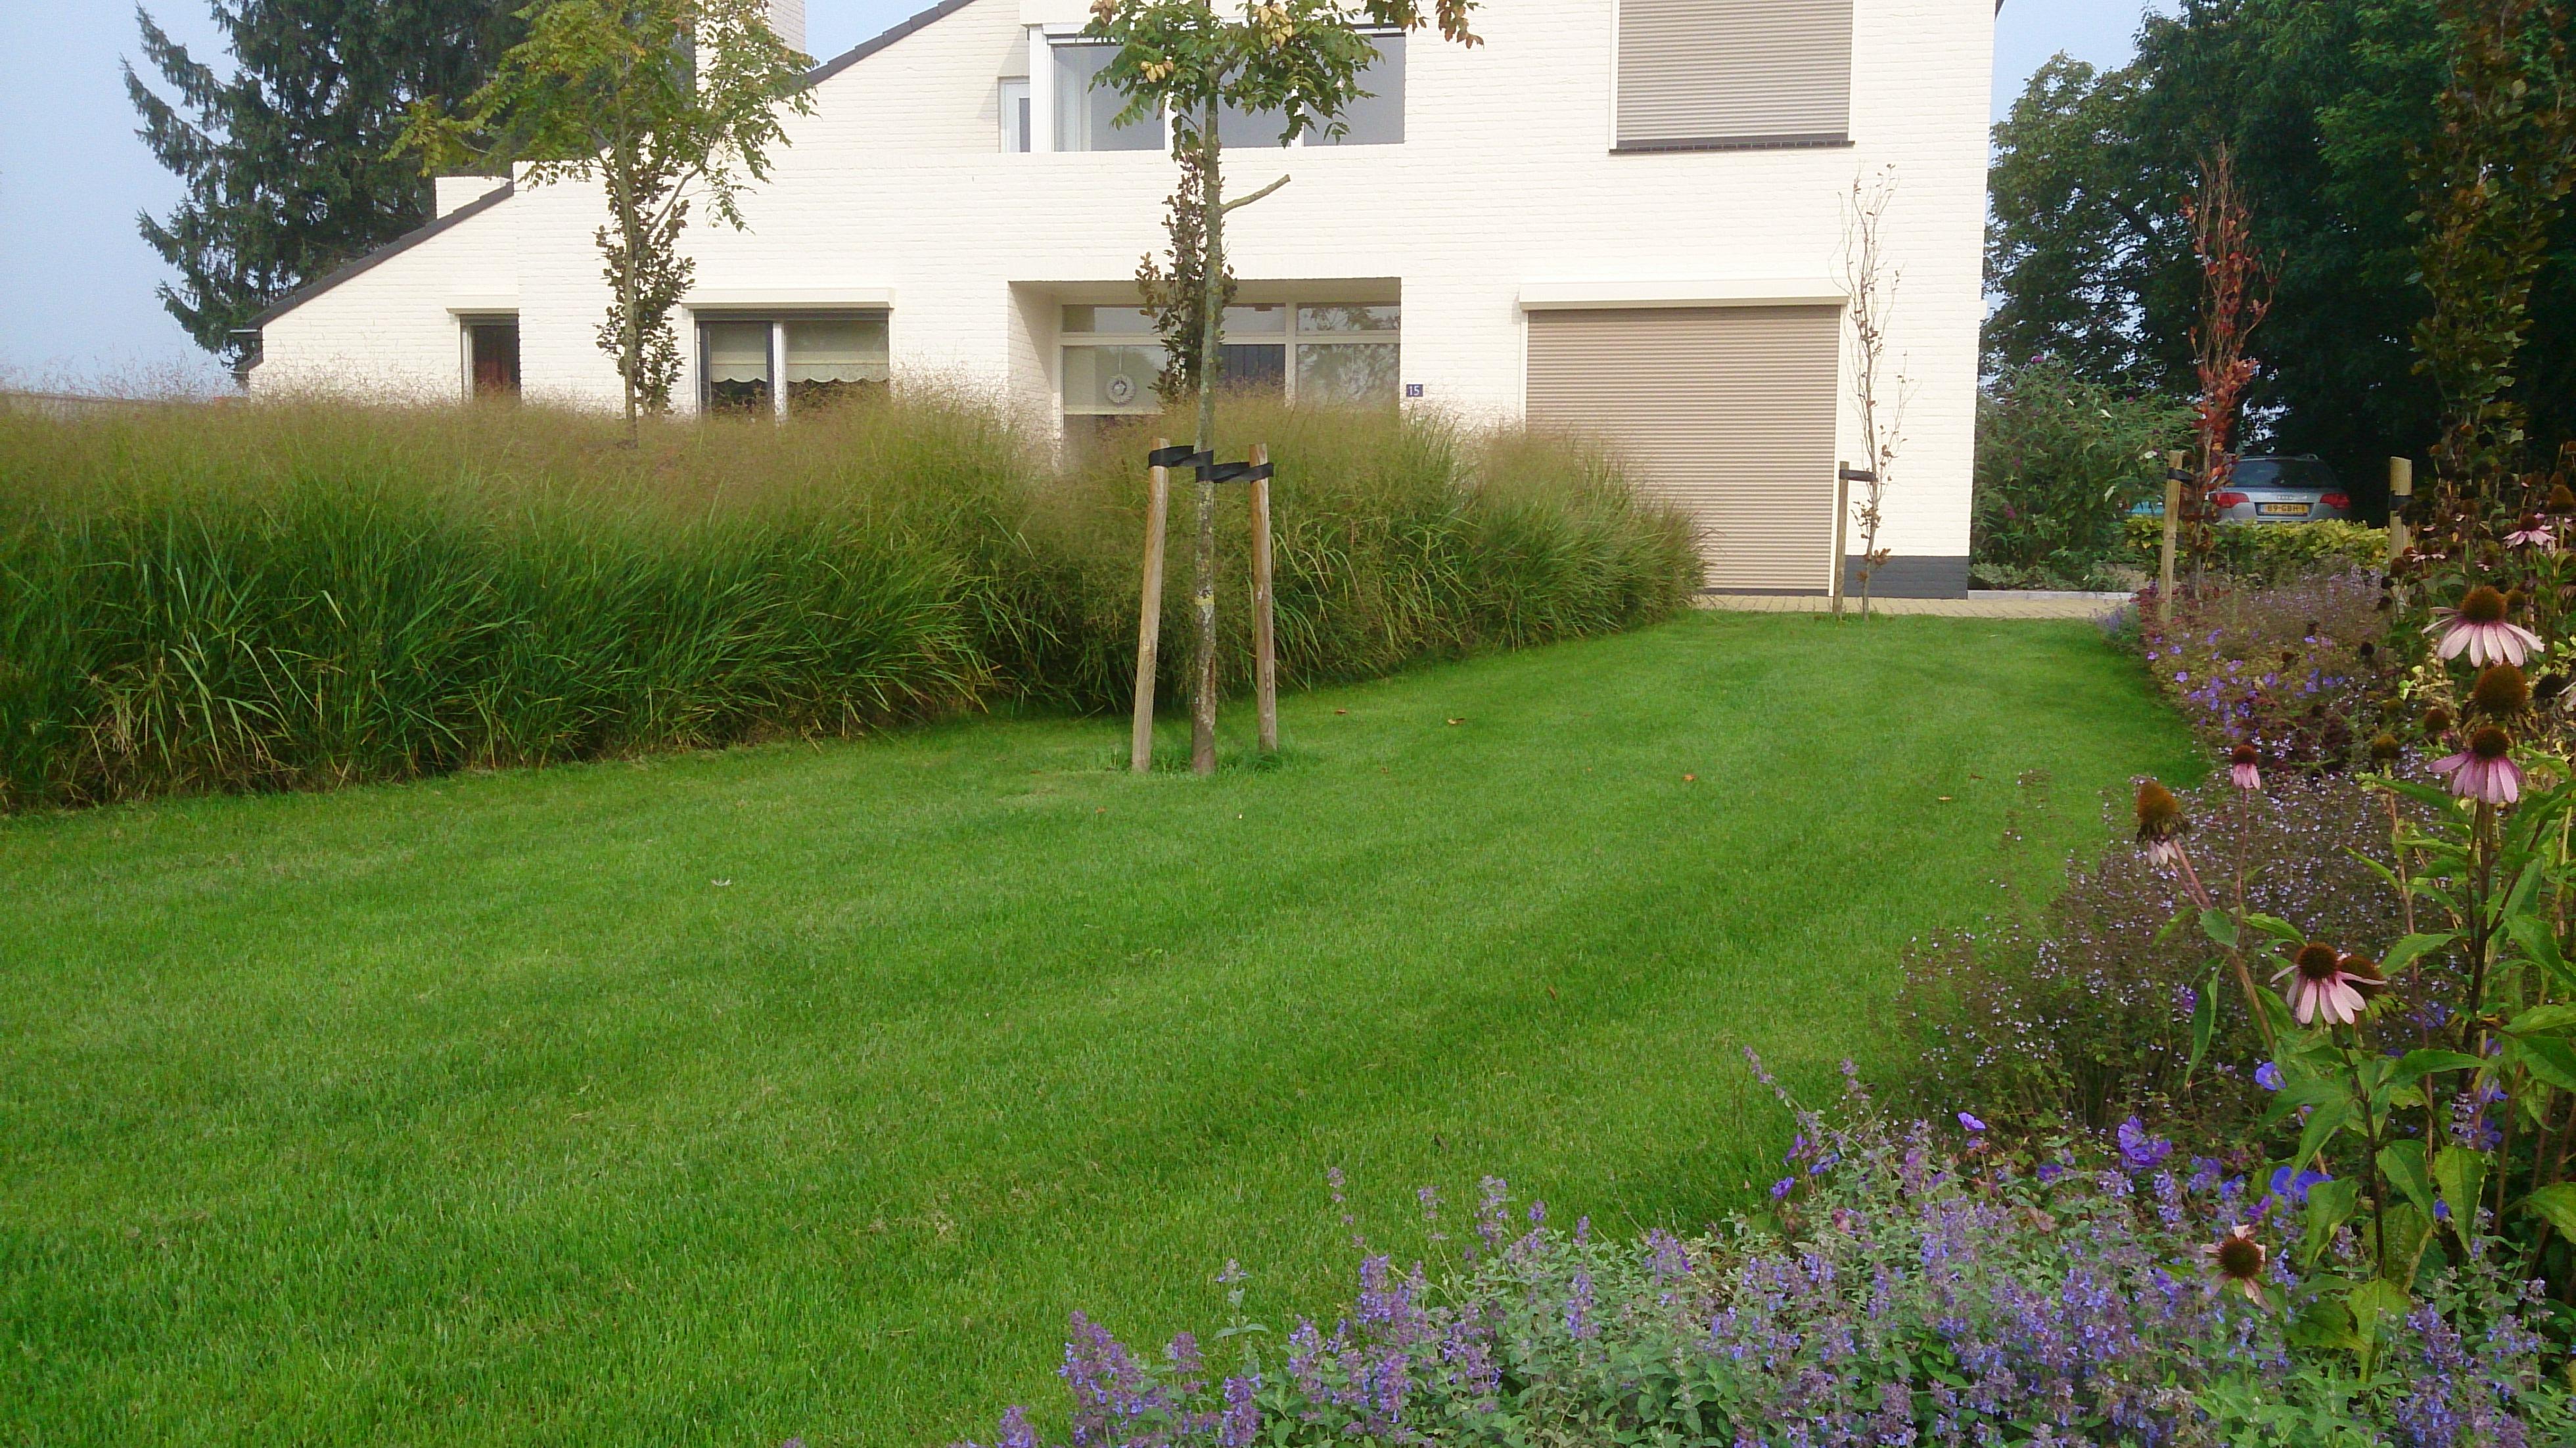 Voortuin strak grassen tuin t siergrassen tuin en zoeken for Voortuin strak modern